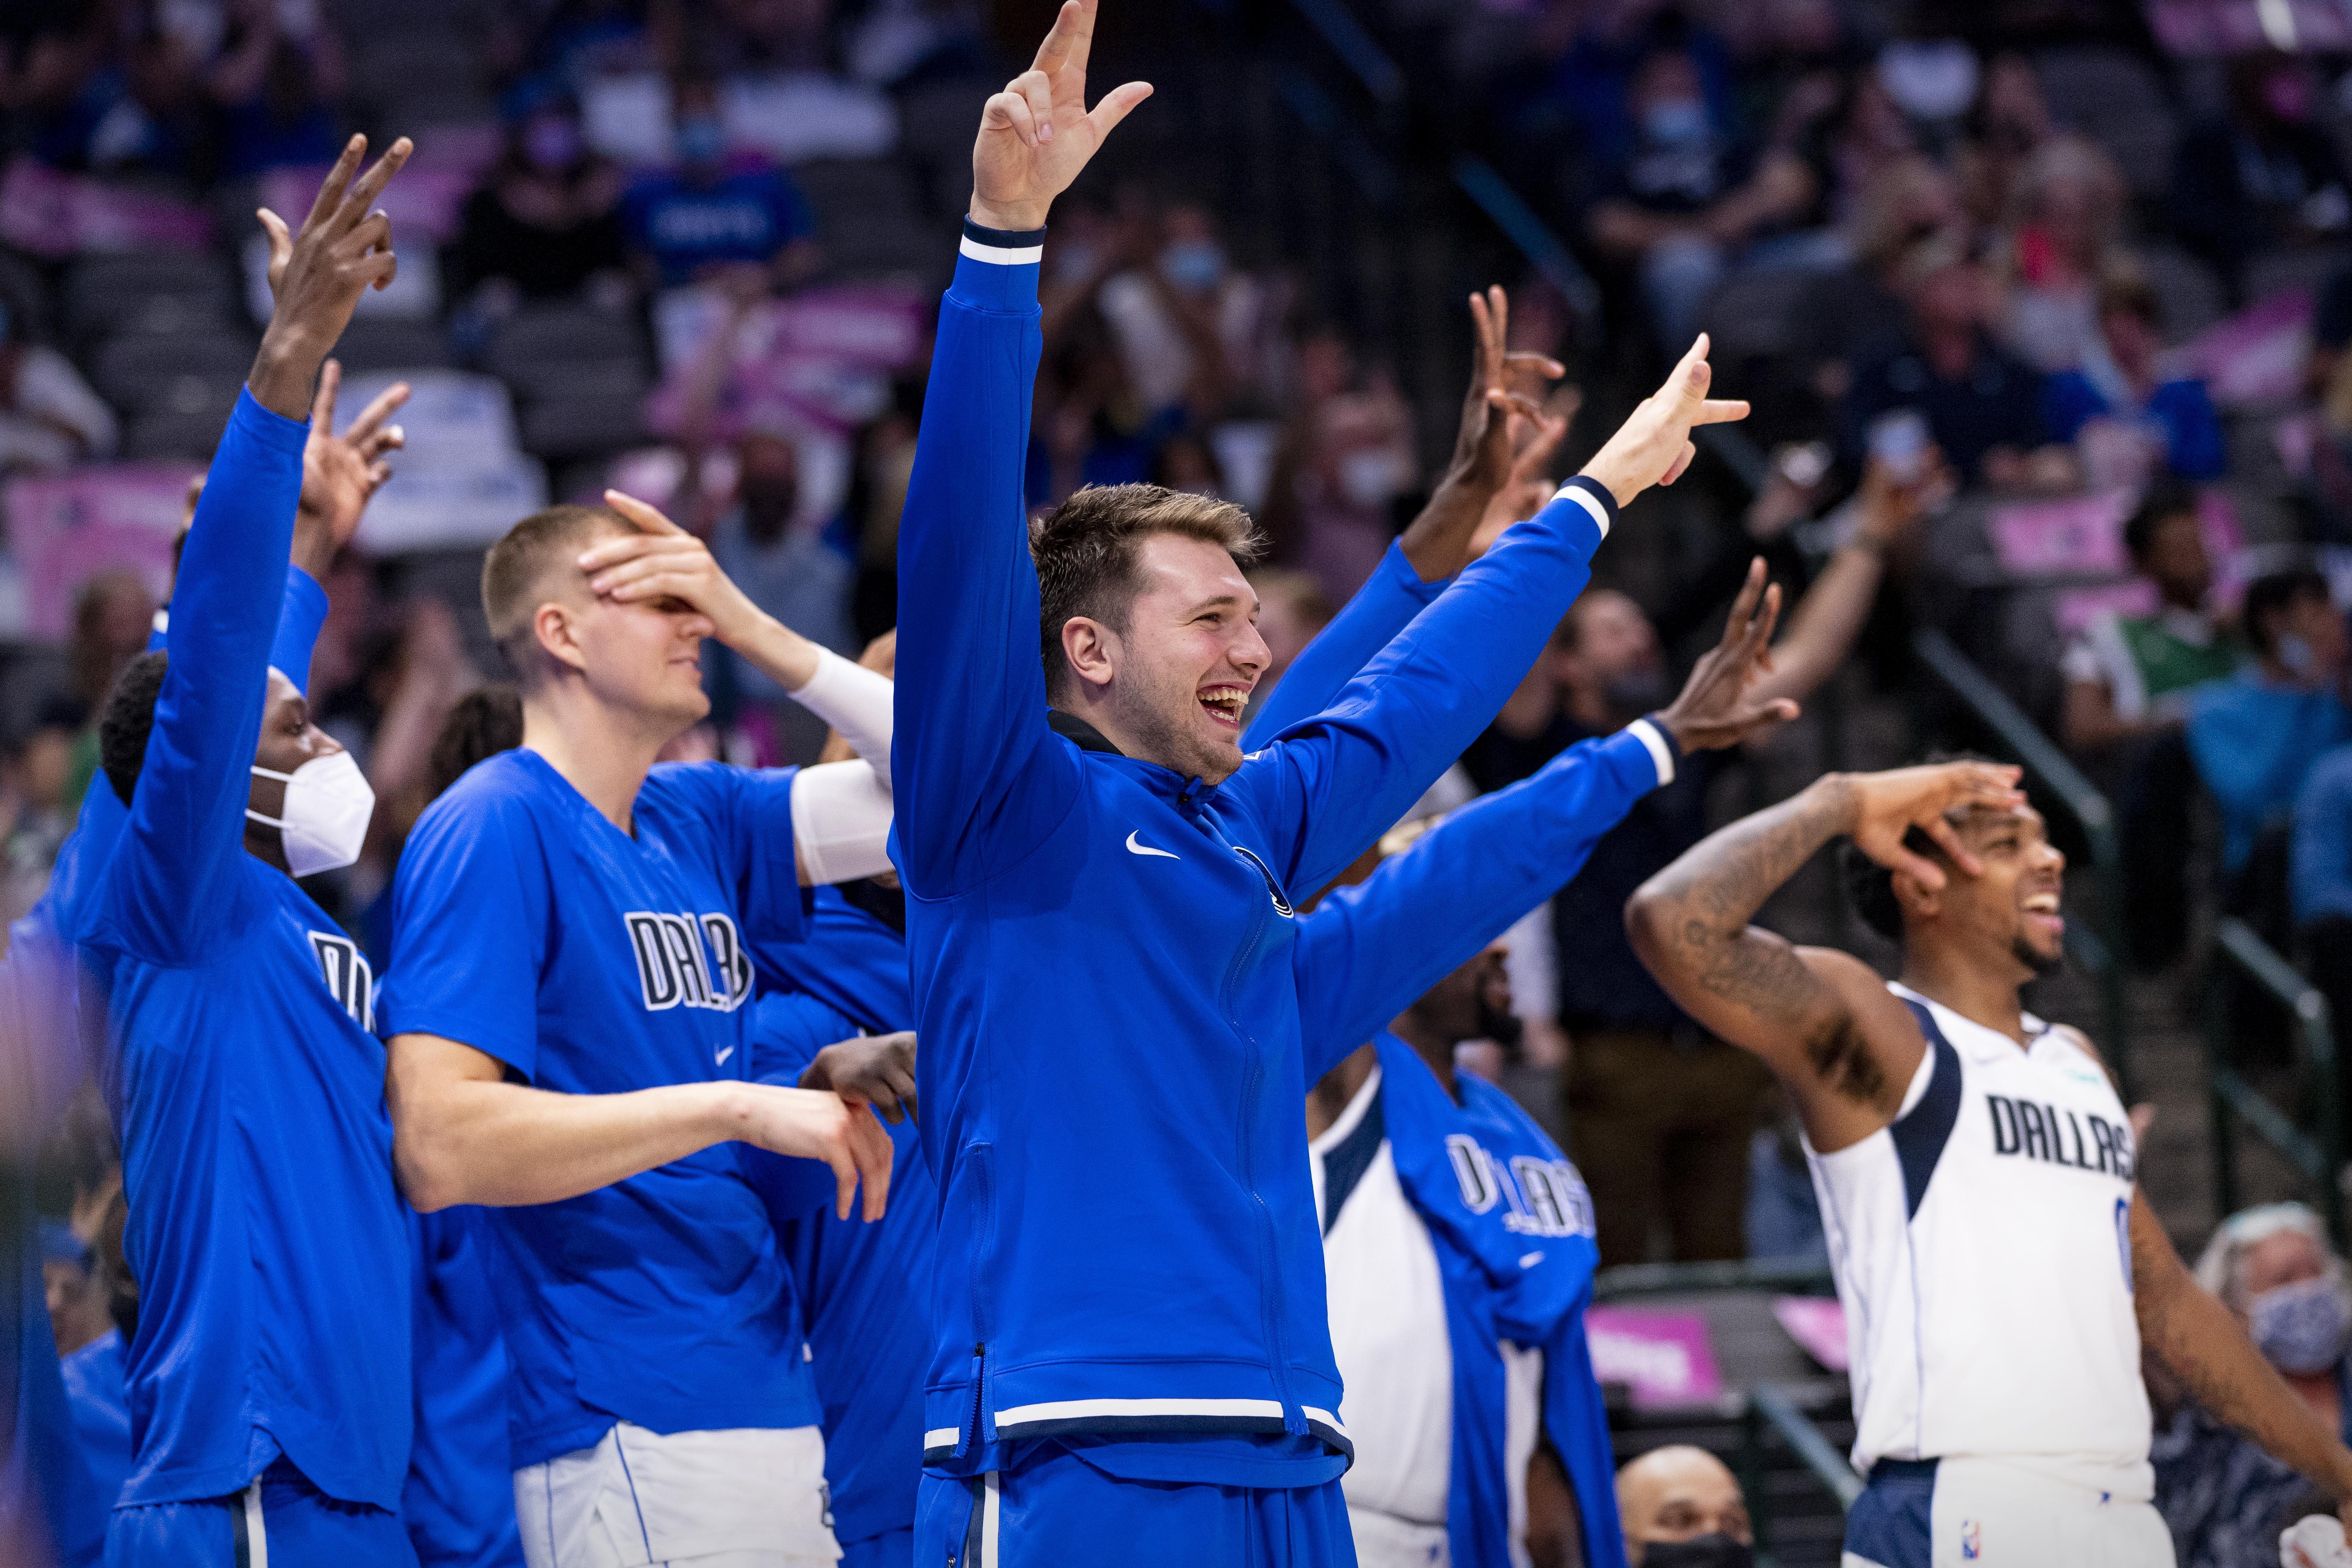 NBA: Preseason-Utah Jazz at Dallas Mavericks